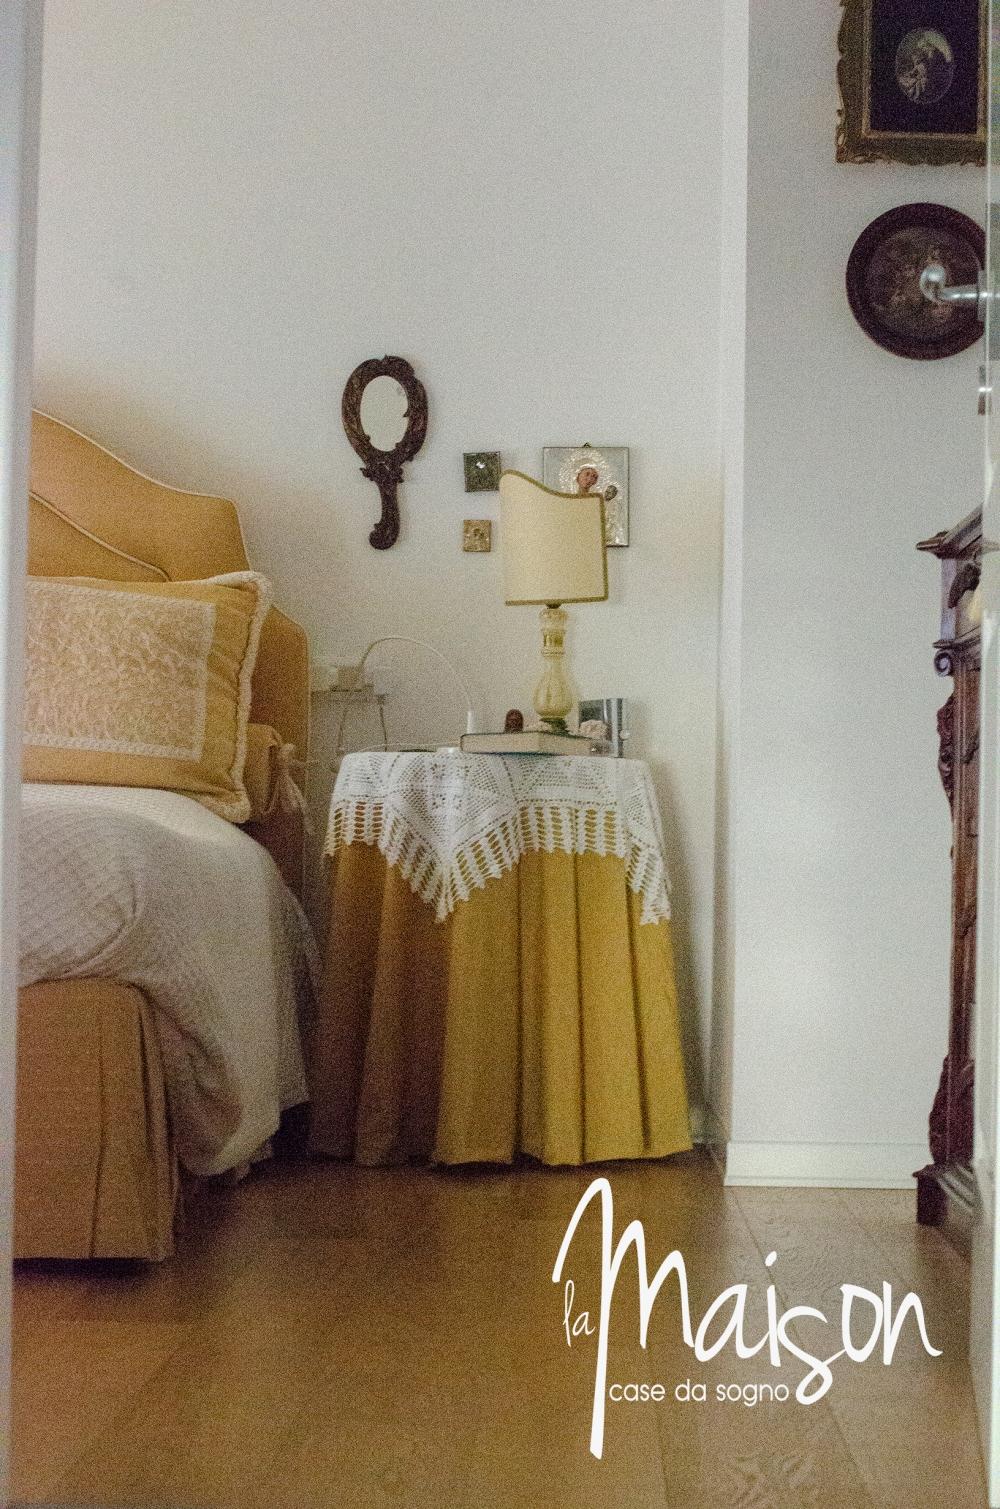 villa in vendita vaiano prato sofignano case vendit savignano villetta con giardino vaiano rustico sofignano studio immobiliare santa lucia agenzia immobiliare prato la maison case da sogno jessica cripezzi09